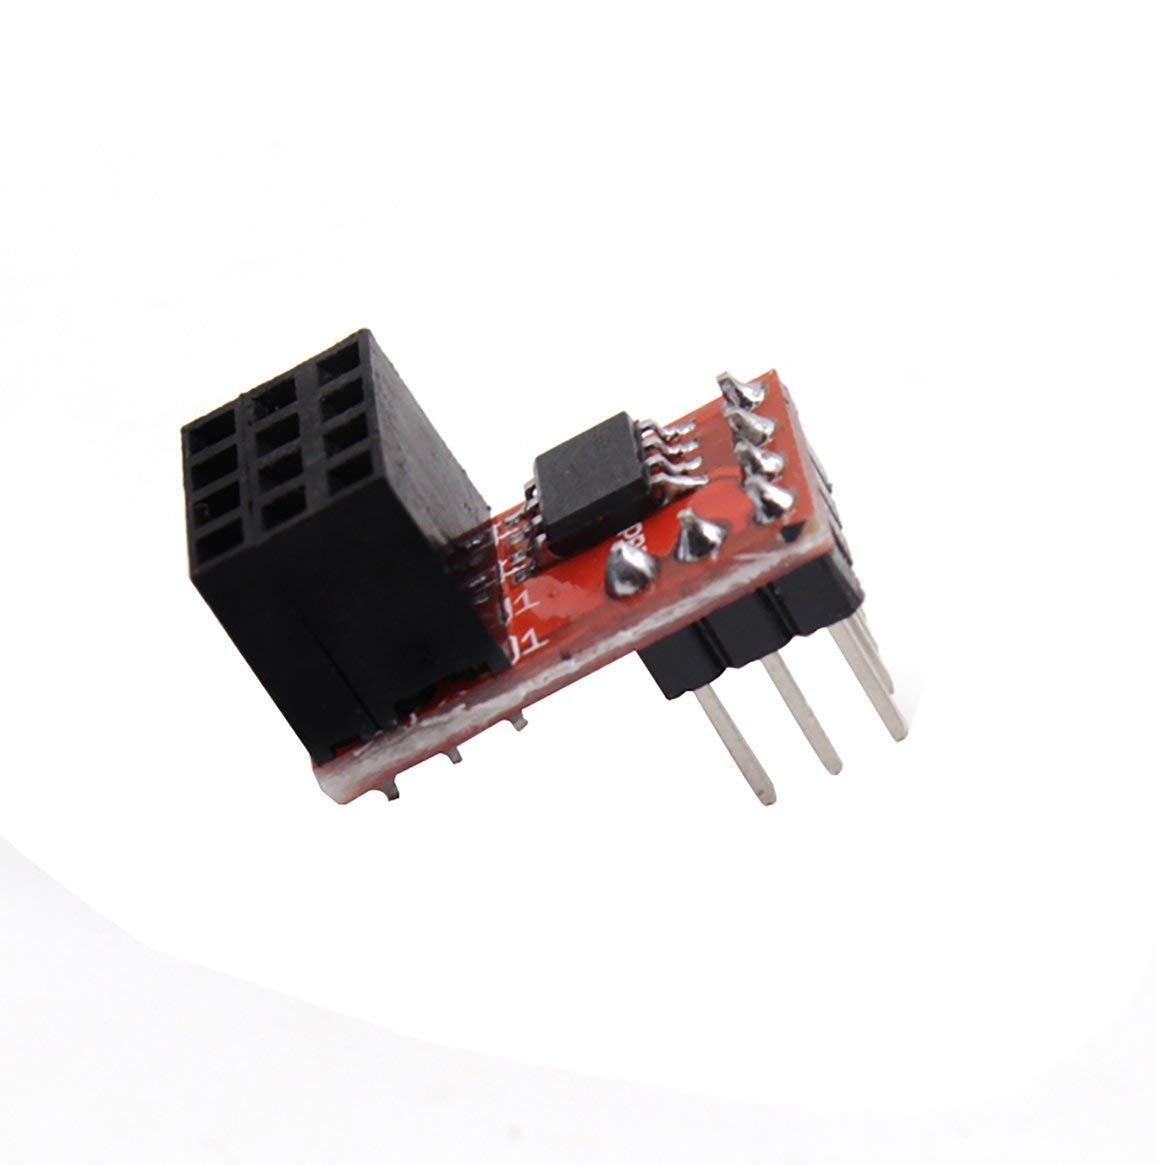 Reprap Ramps1.4 Module d'extension de Ventilateur RRD 20V Max, Module d'extension pour Ventilateur Accessoires pour imprimante 3D Module de Ventilation, 2 canaux Plug and Play - Rouge